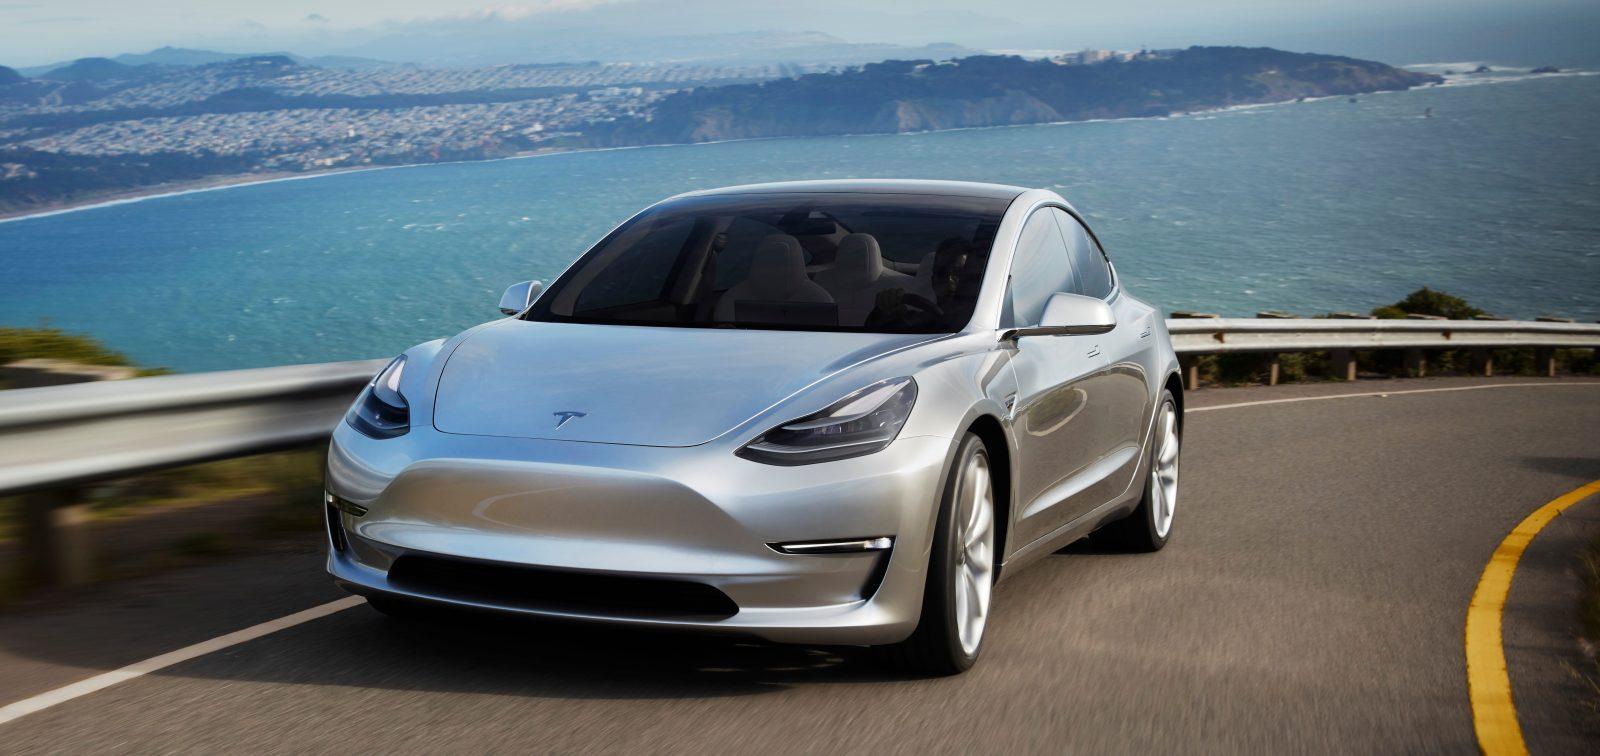 Бюджетную модель Tesla Model S сняли с производства ради Model 3 1